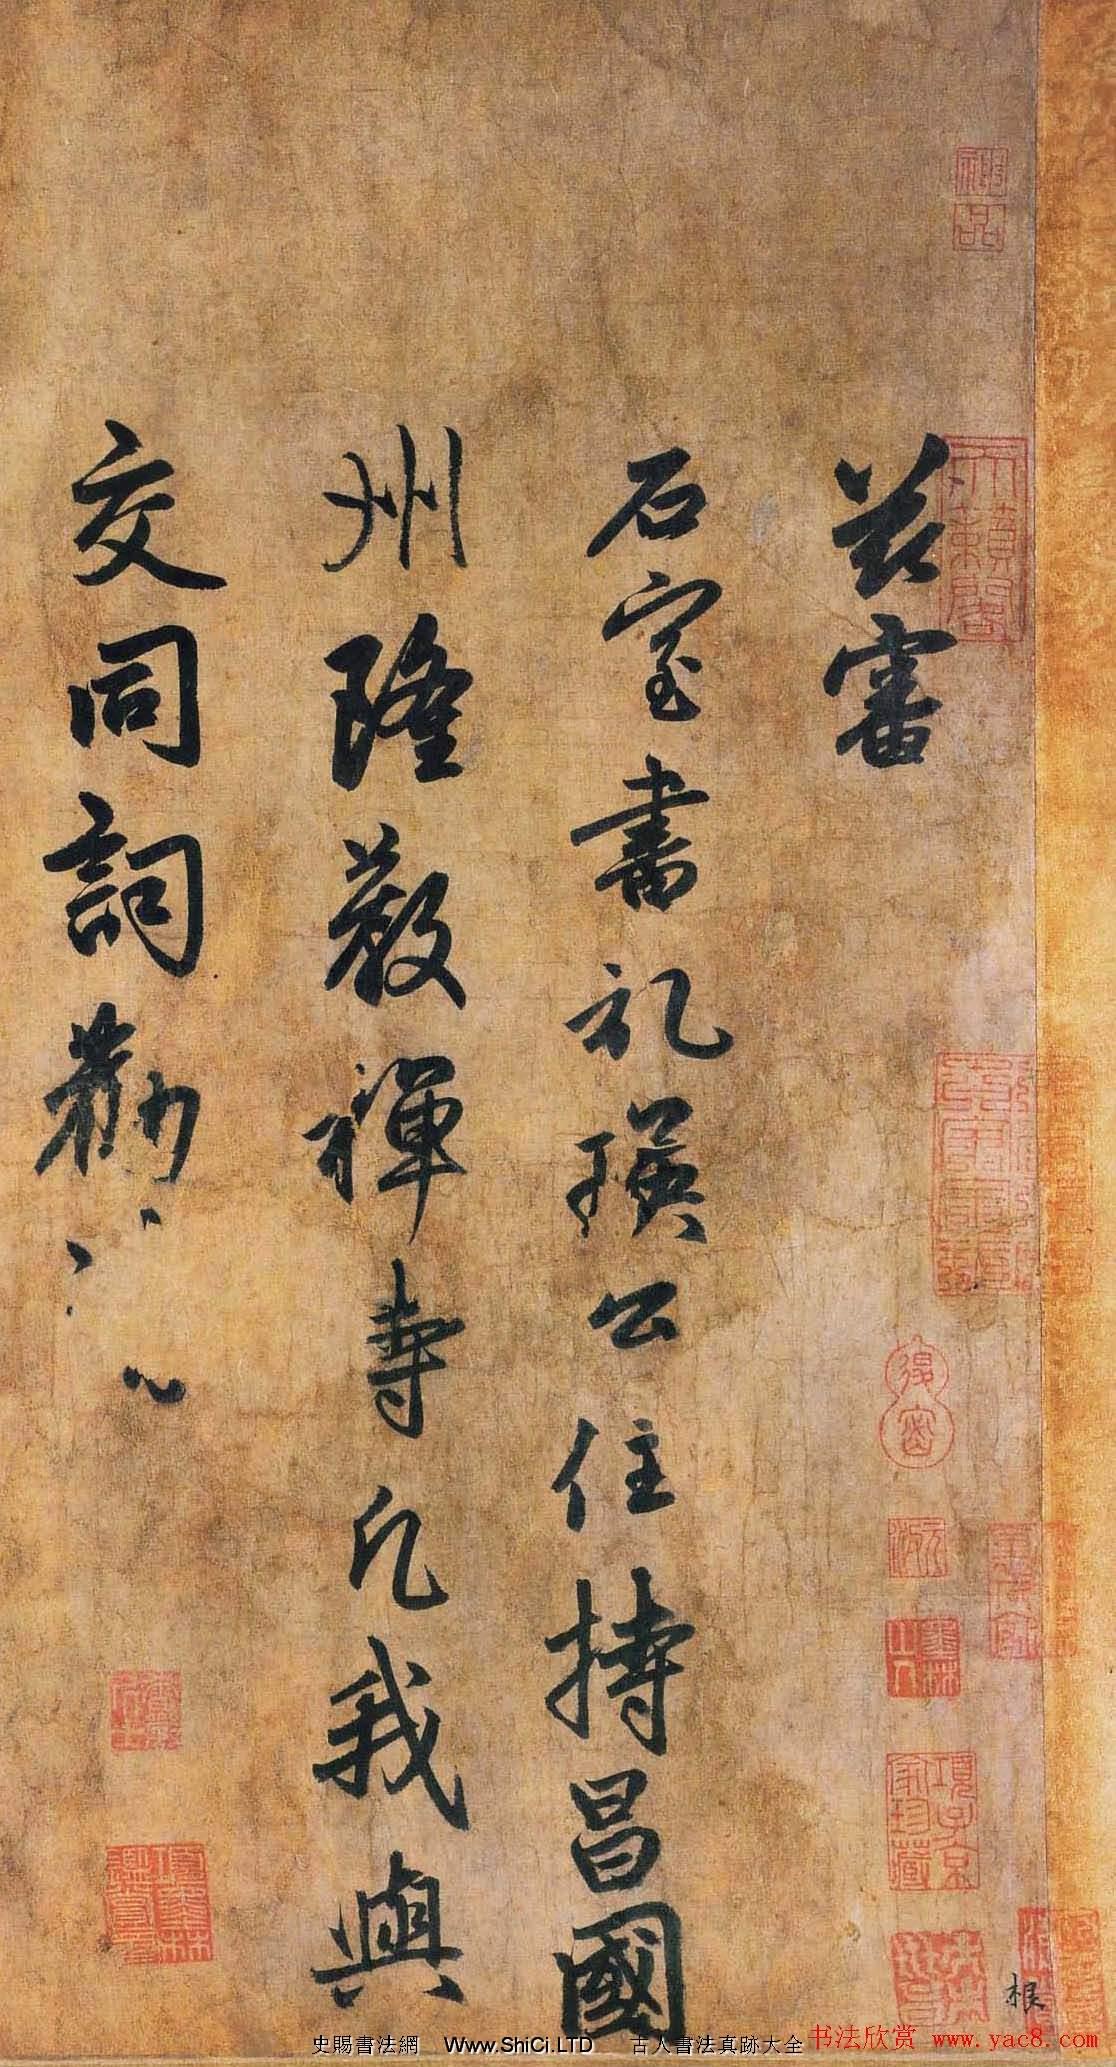 趙孟俯行書賞析《為隆教禪師寺石室長老疏》卷